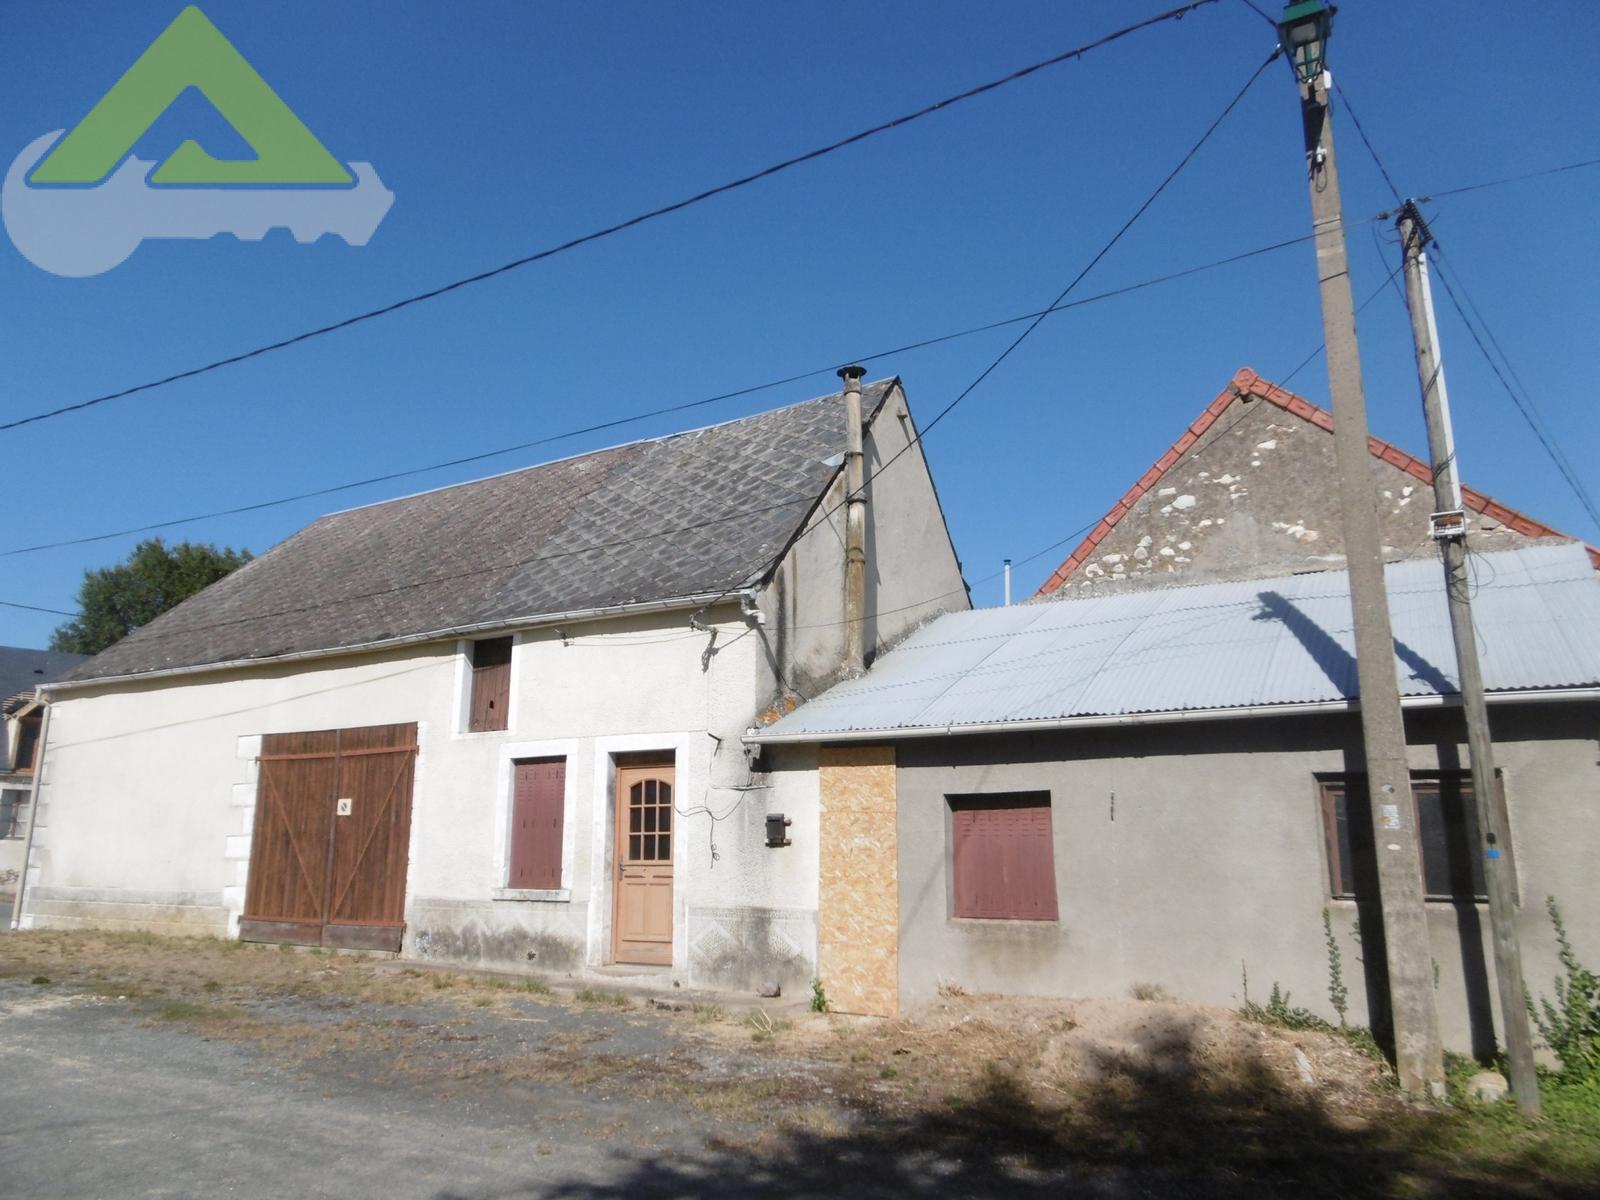 vente Maison 1 pièce (42 m²) 33 000 € Maisonnais (18) 3aa03005b6f4